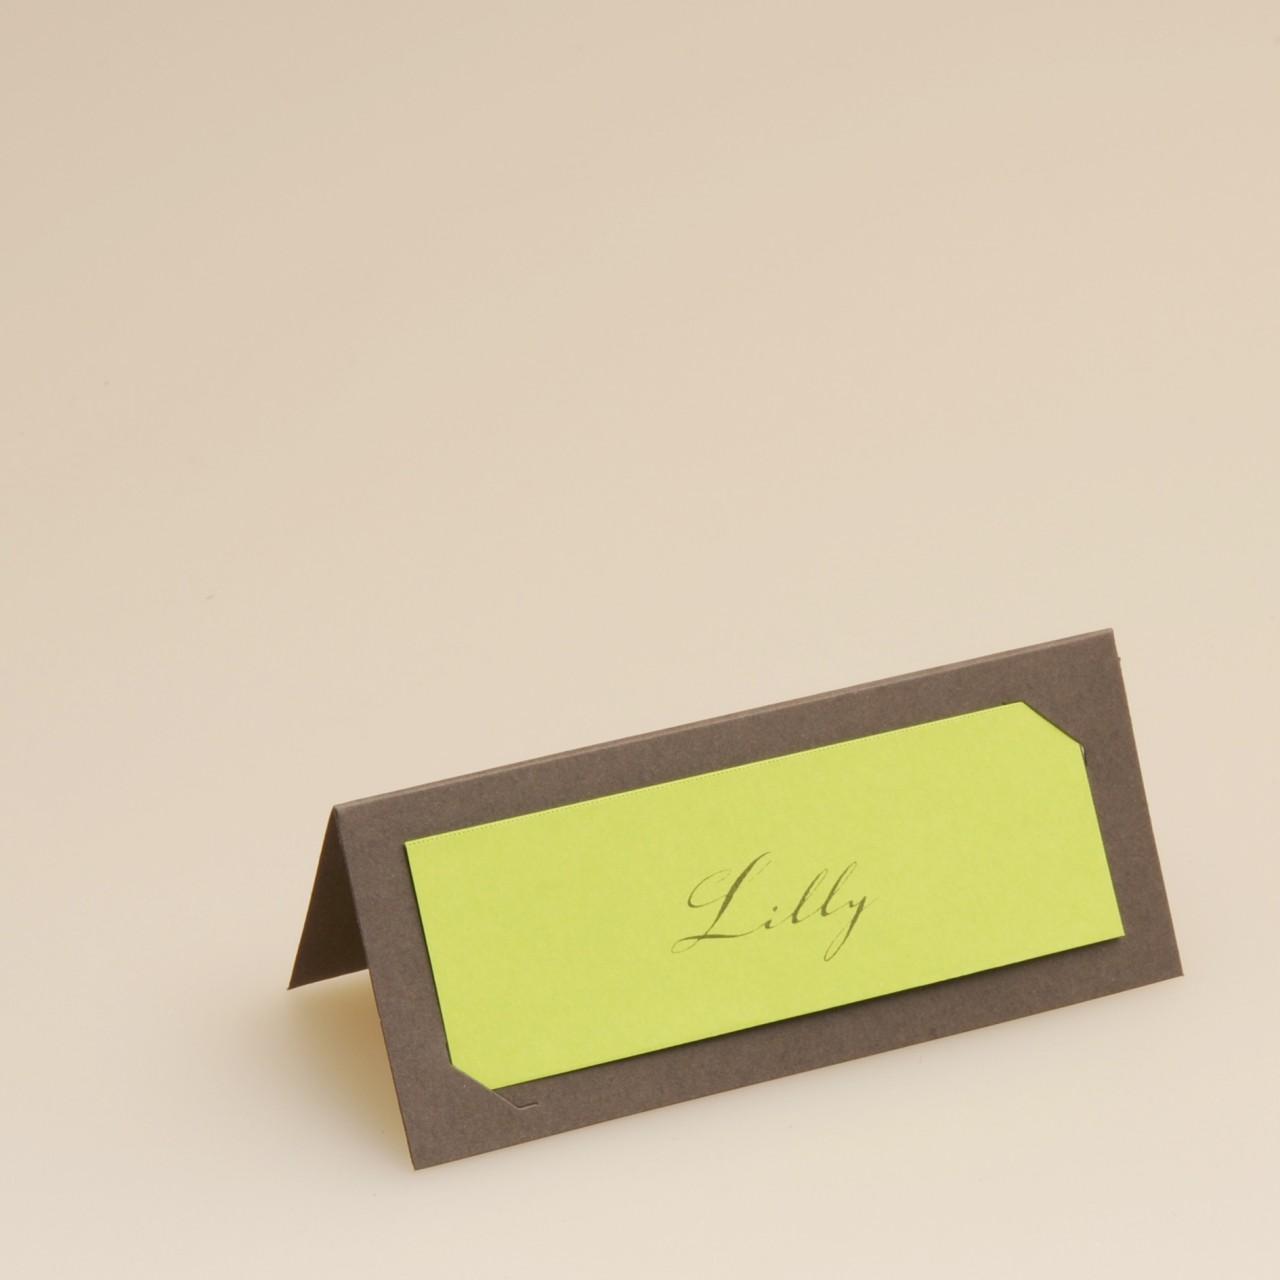 Tischkarte - T 1870/1